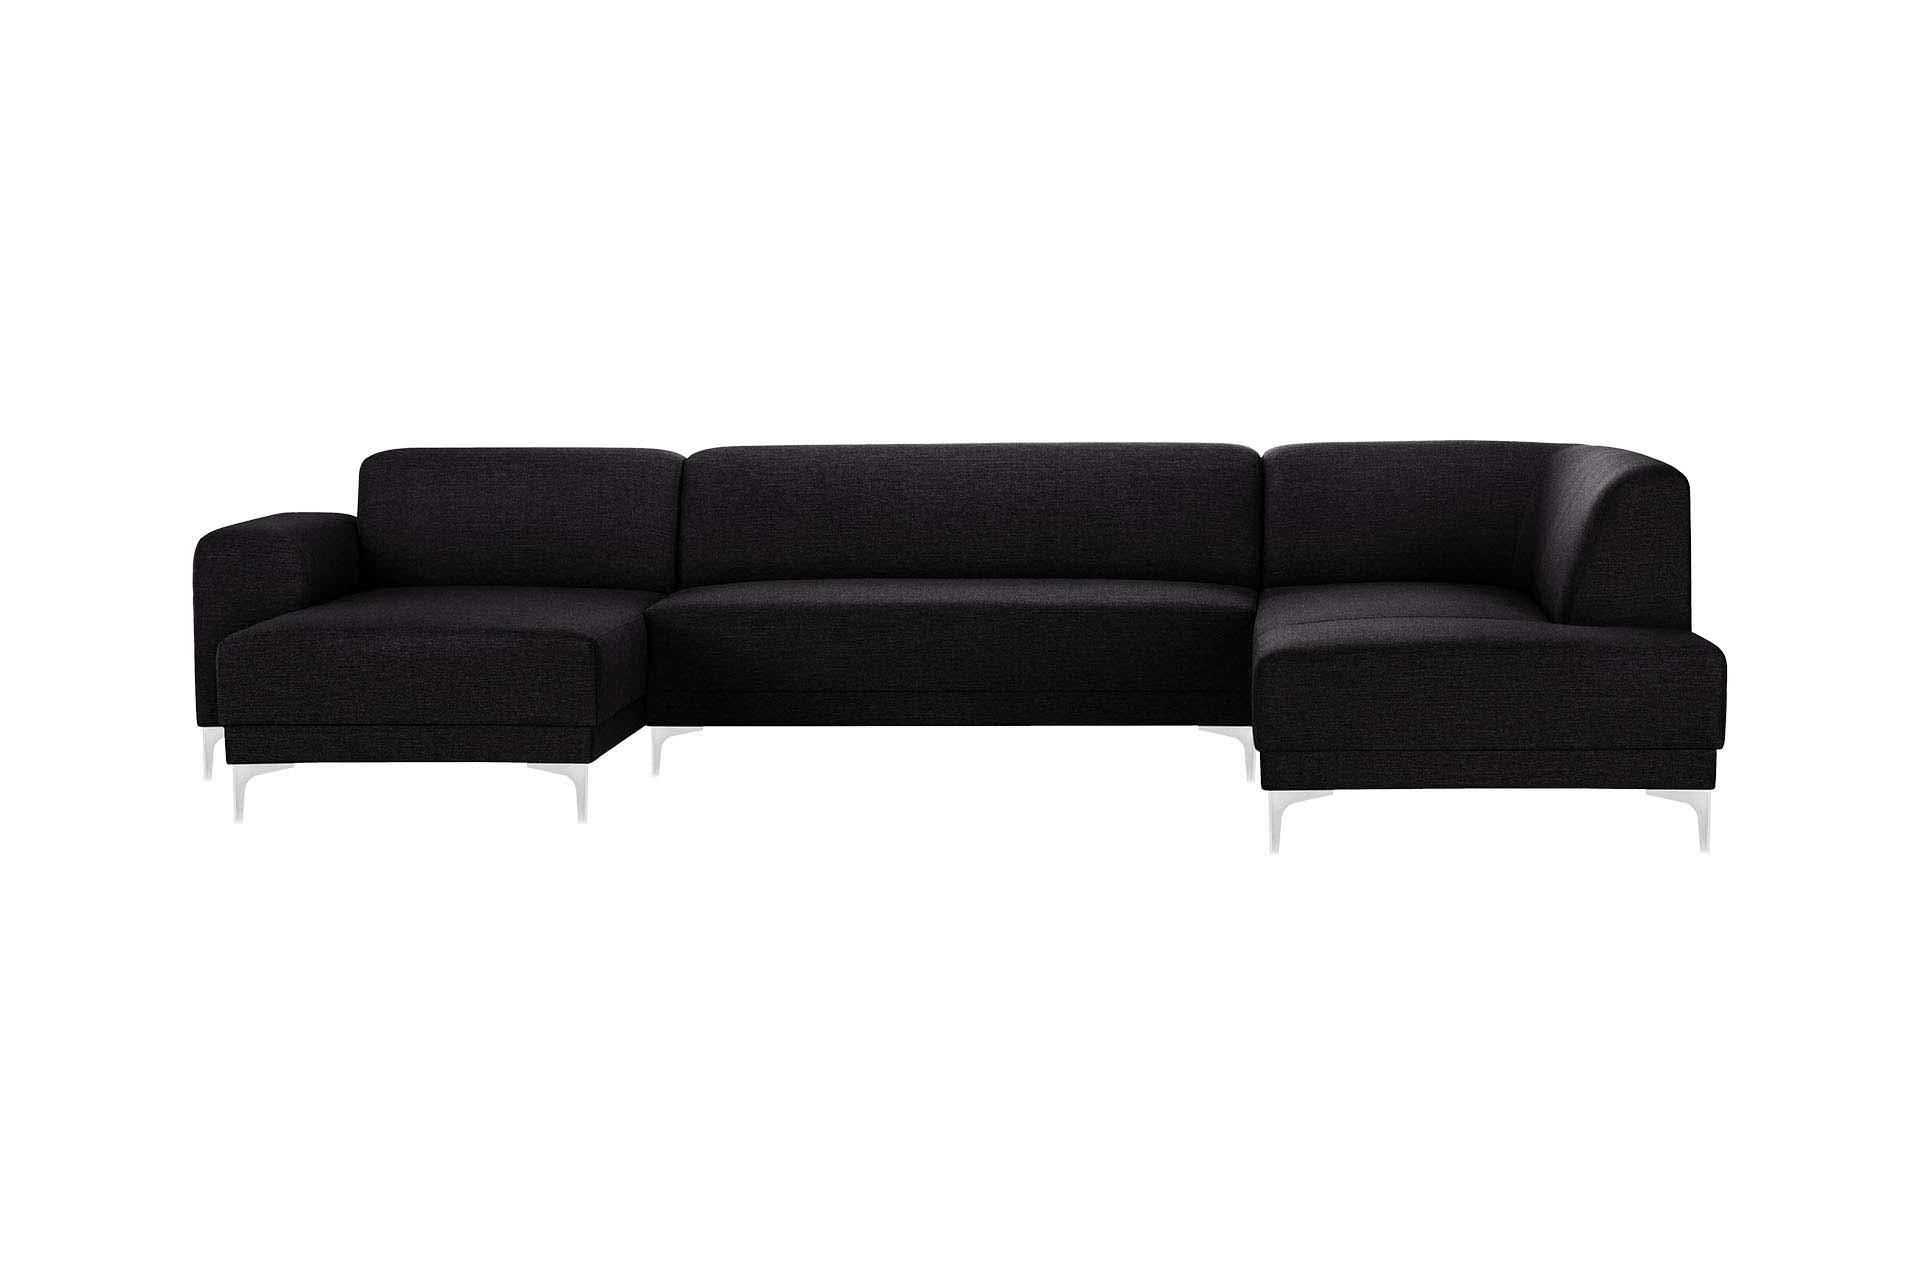 Canapé d'angle gauche 6 places toucher lin noir